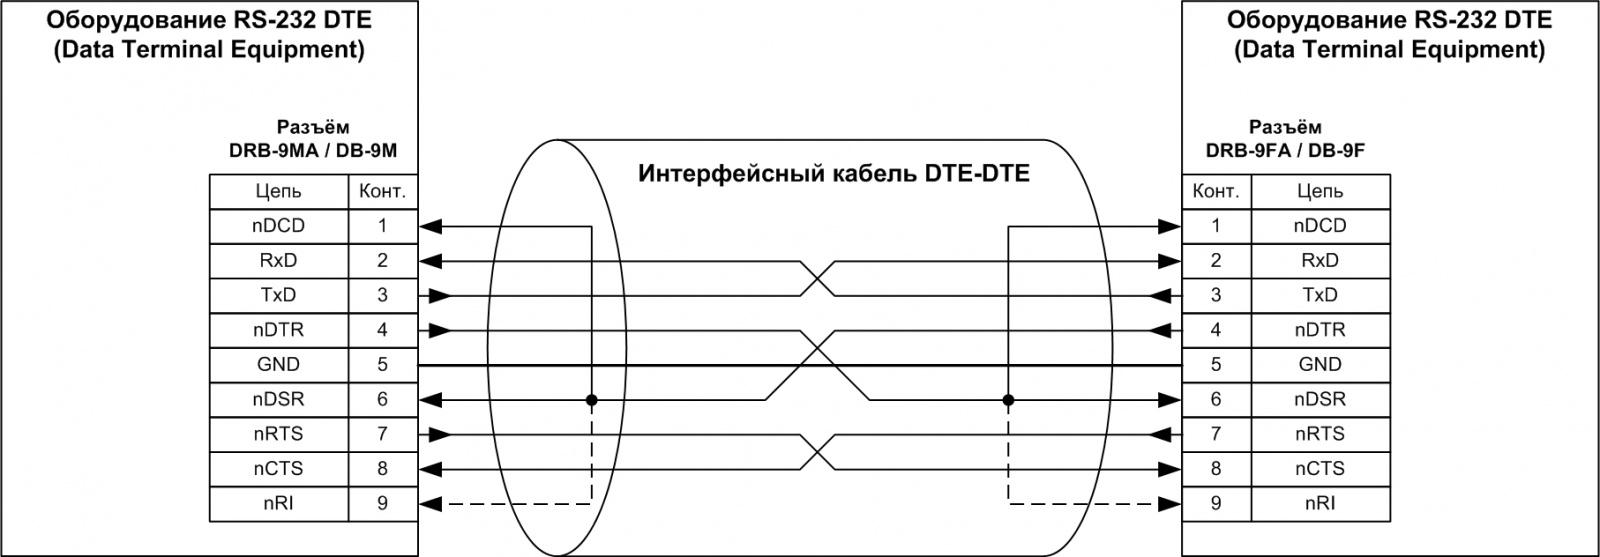 Адаптеры сопряжения RS-422 с поддержкой скоростей до 1Мбод для системной шины PCI - 7